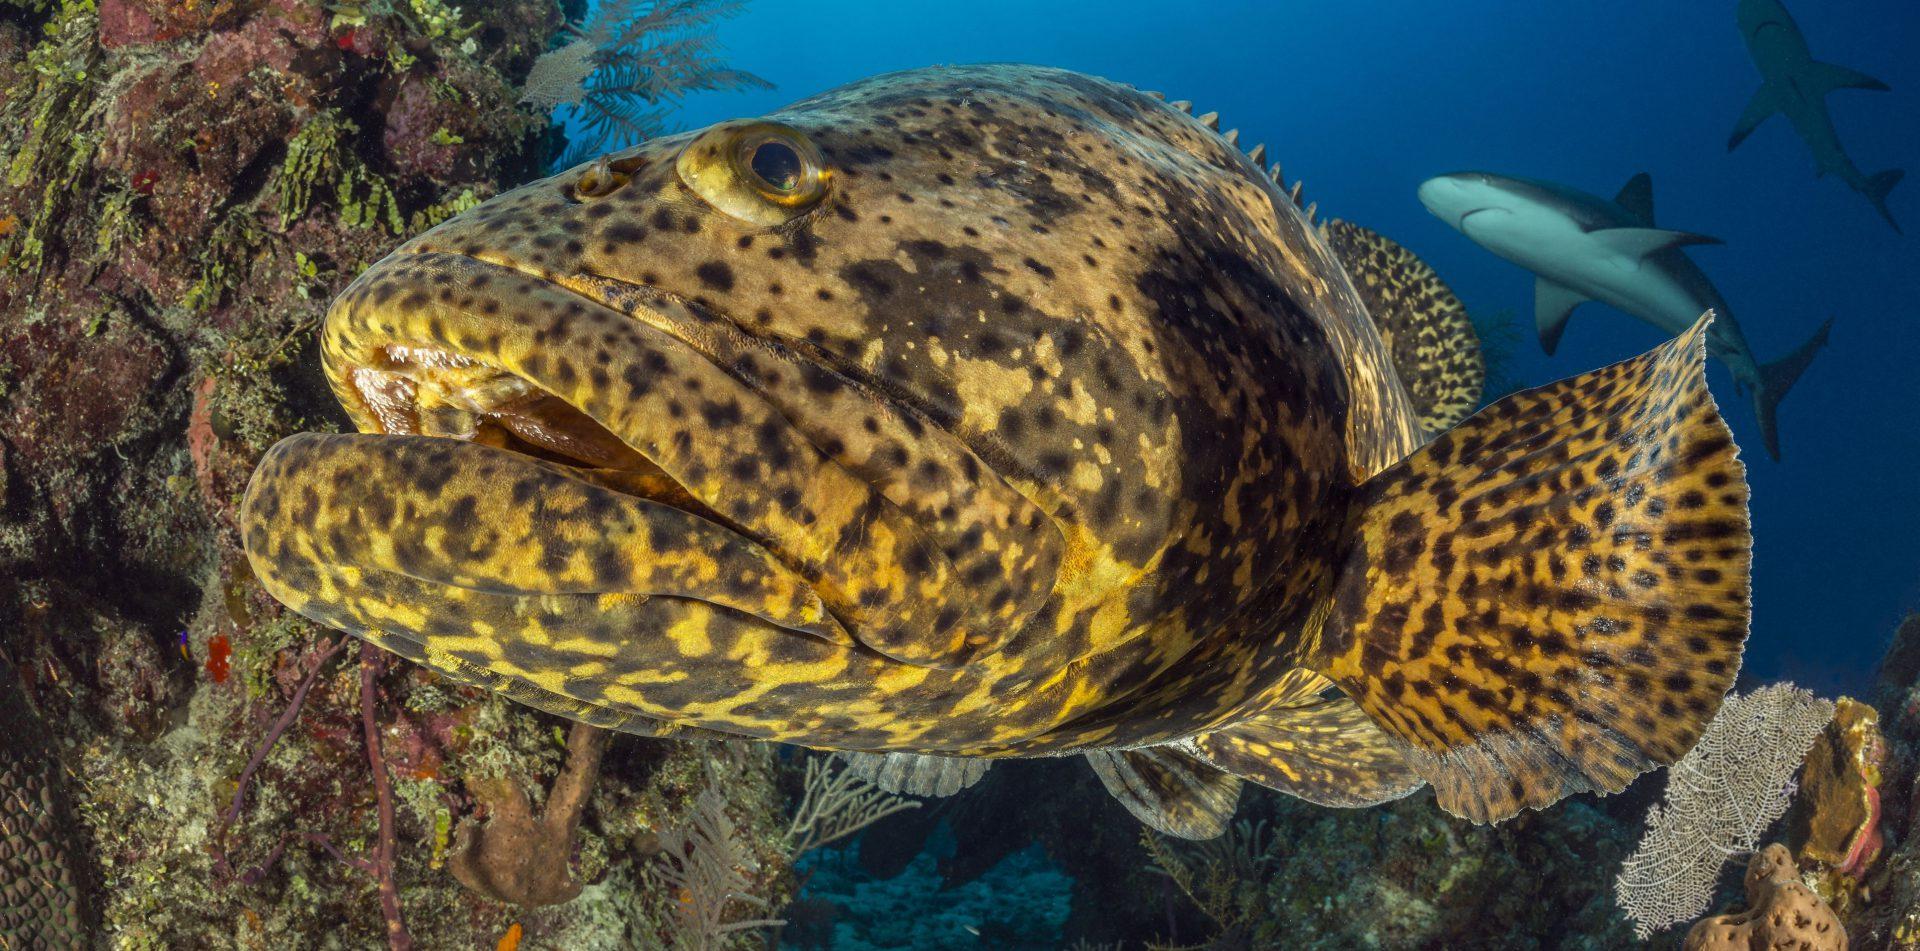 Kenali Keluarga Ikan Kerapu - Umpan